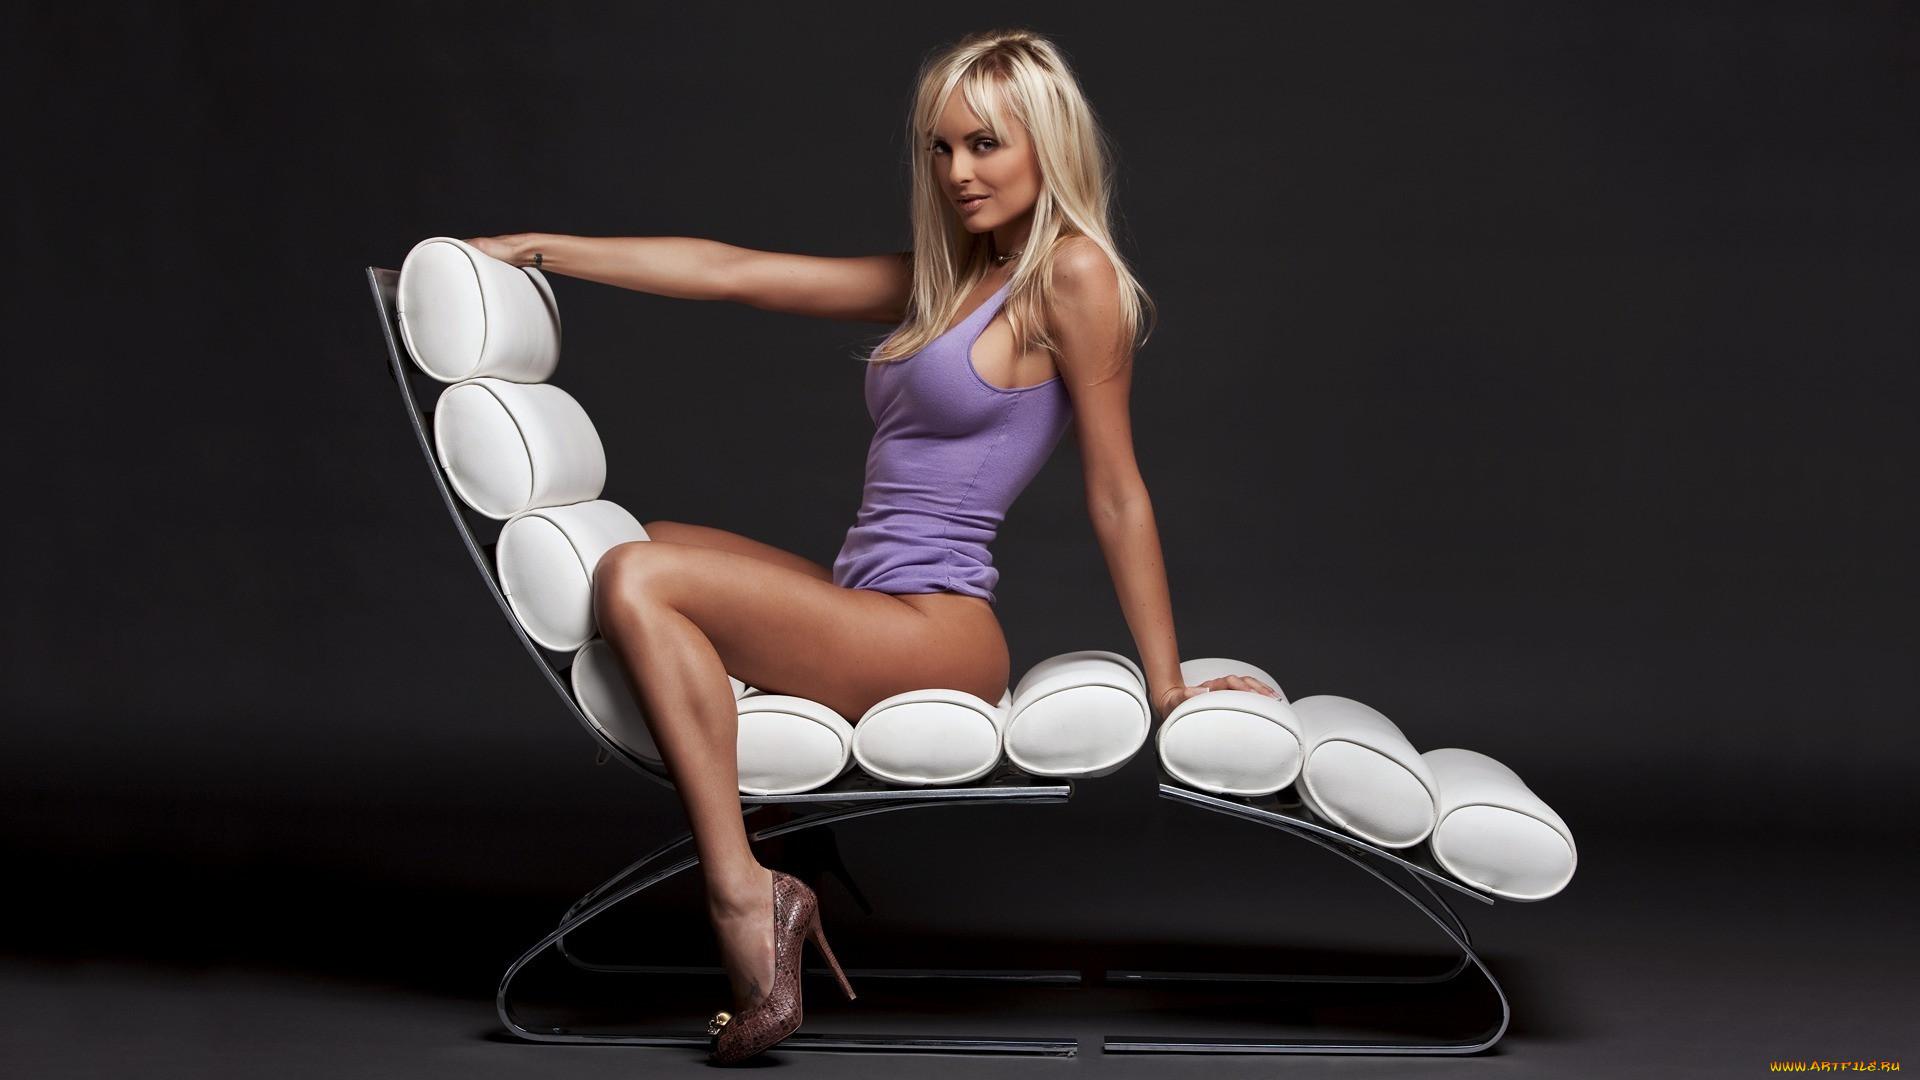 Секс поза сидя в кресле 19 фотография